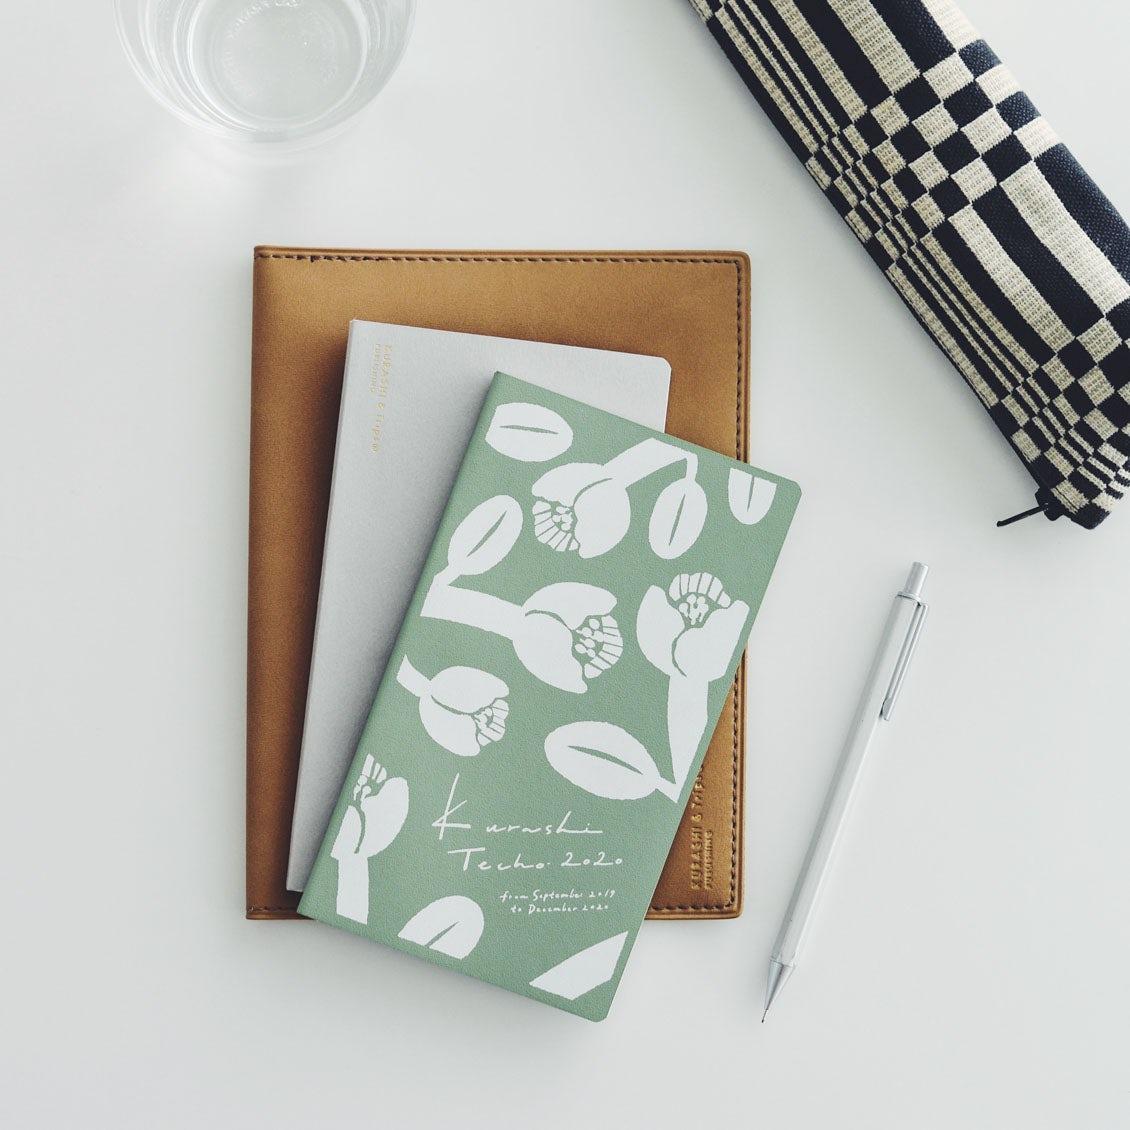 【手帳キャンペーン】今年もはじまりました!当店オリジナル「クラシ手帳」をお買い物いただいた方、全員にプレゼント!